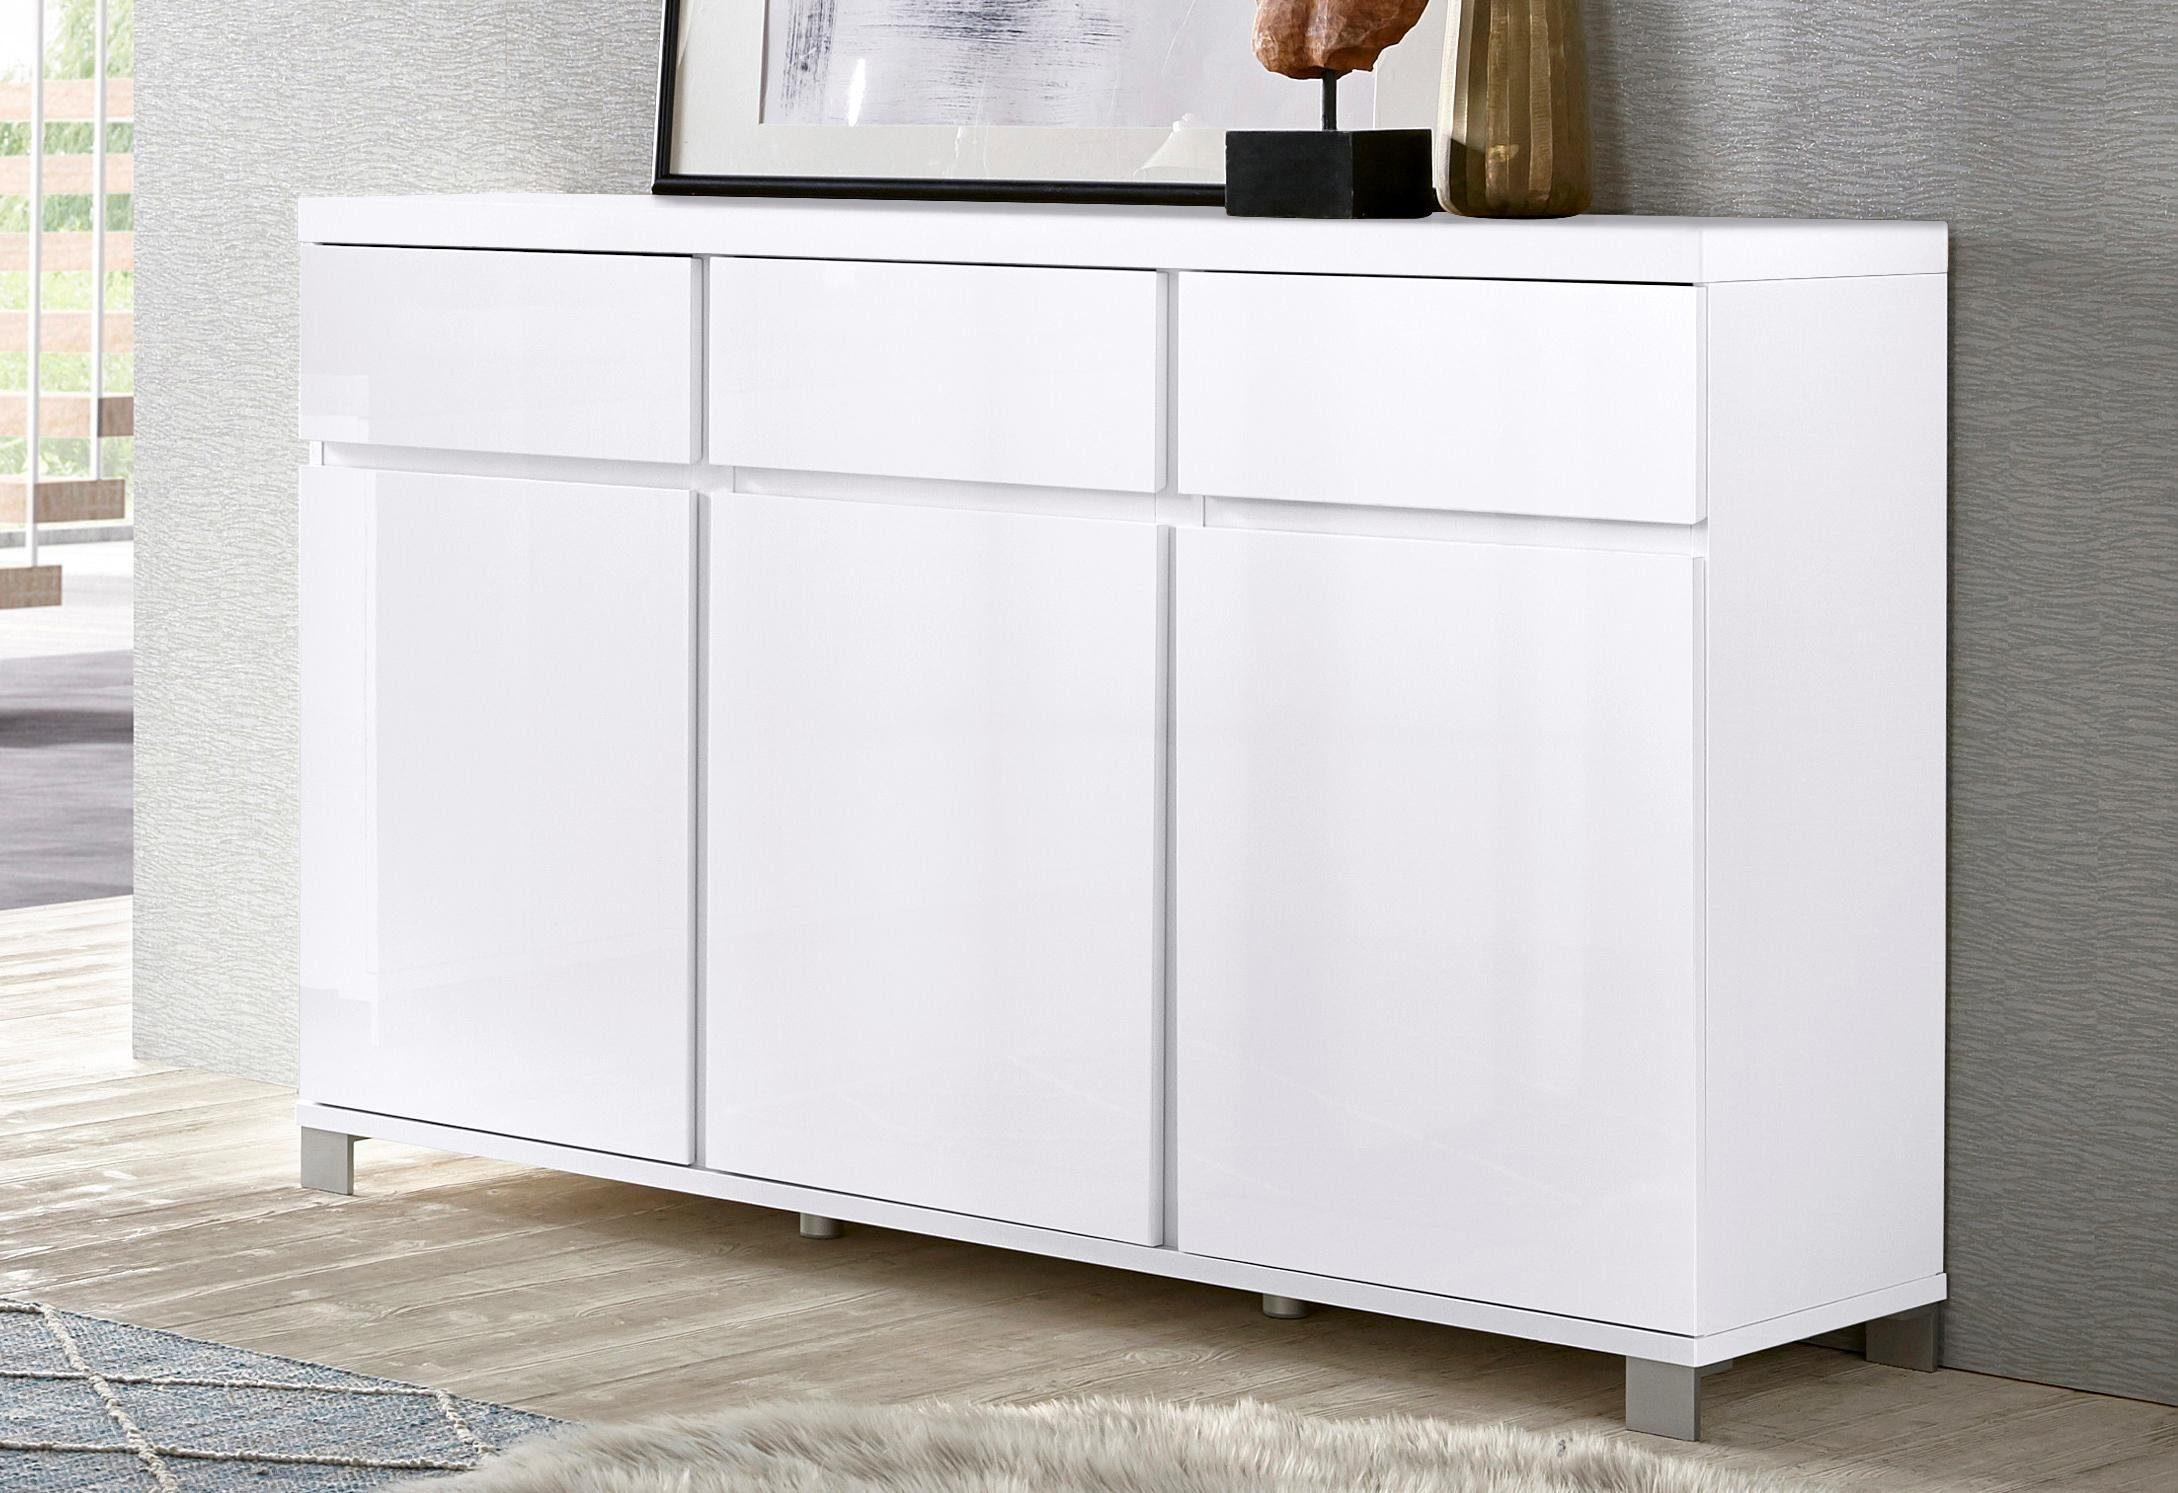 Schrankchen Weis Hochglanz ~ Sideboard hochglanz hochglanz kommode online kaufen bei woody möbel